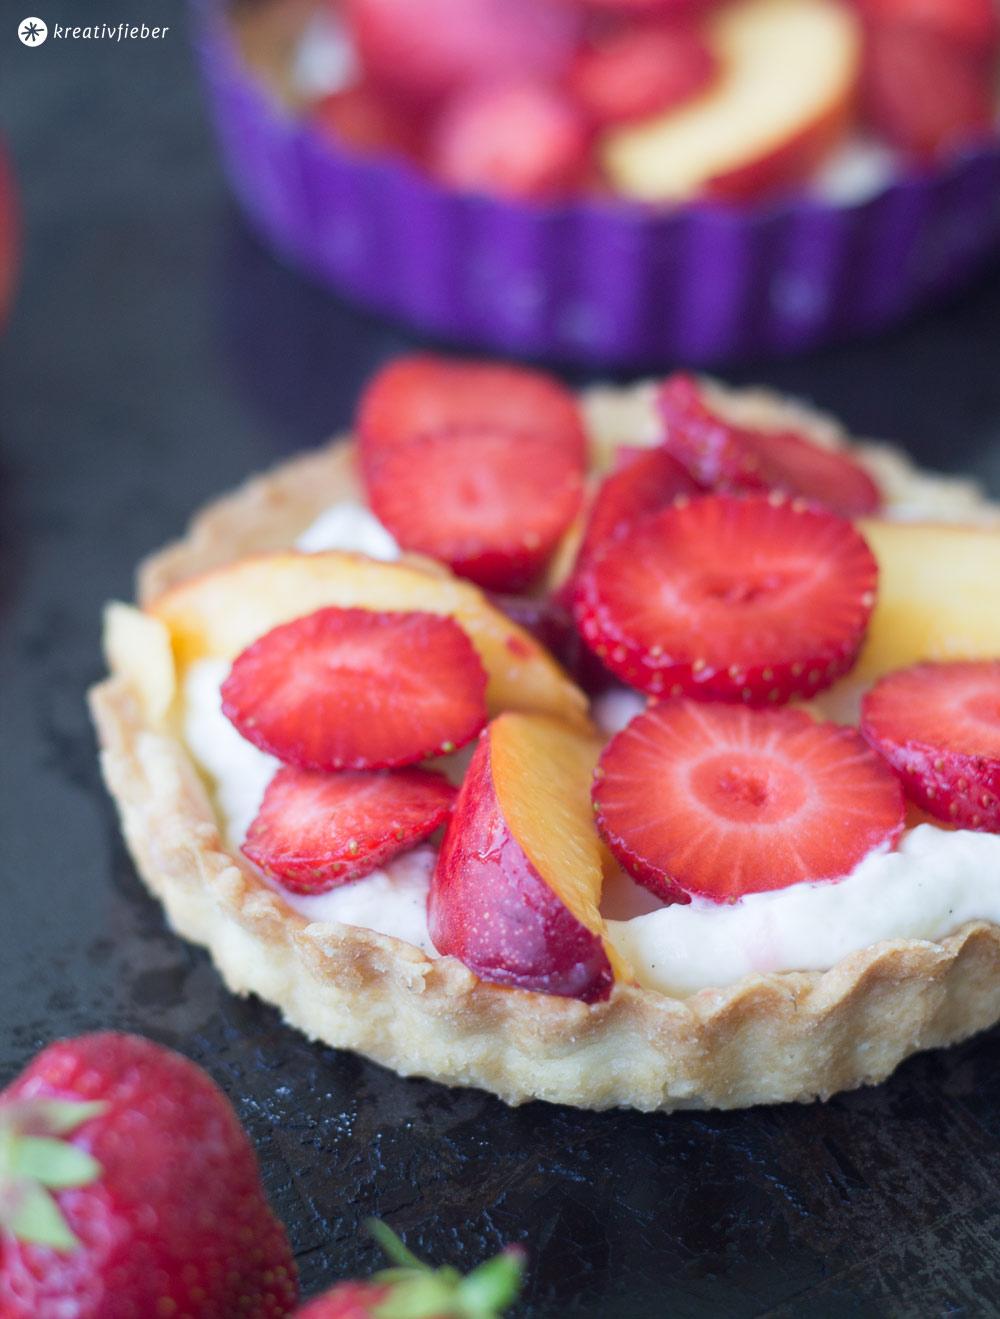 Tartelettes-mit-Frischkäsecreme-und-Nektarinen-und-Erdbeeren